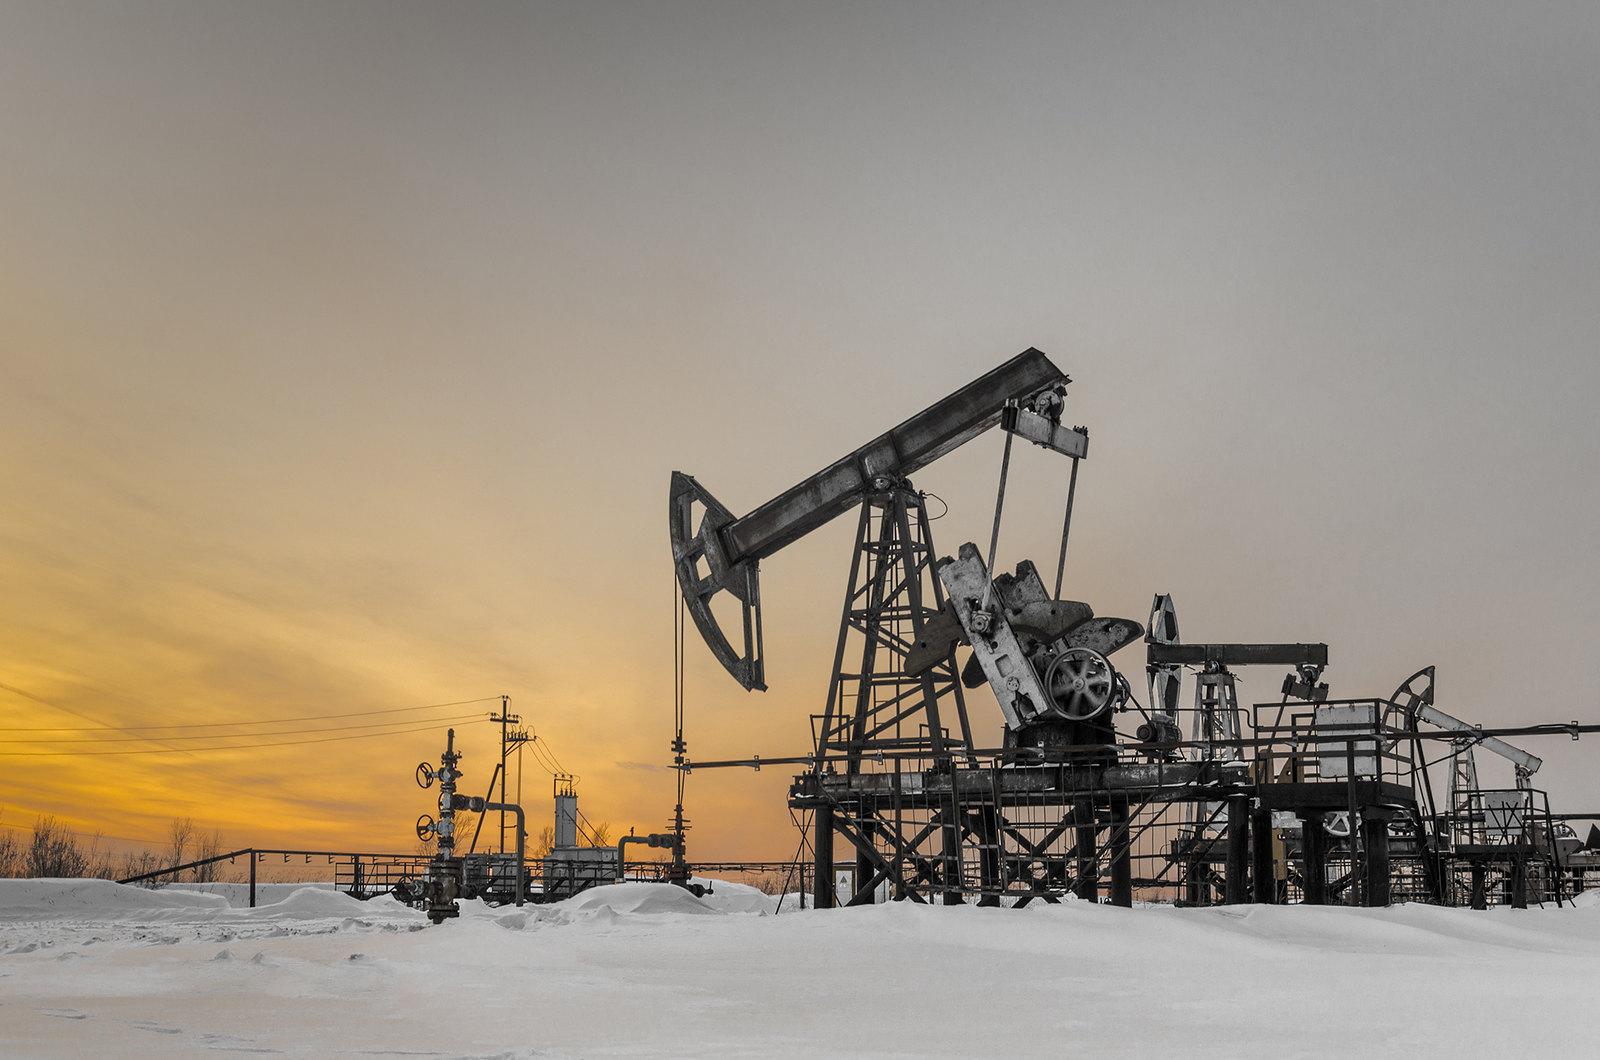 Потери российских нефтяников от демпфера в 2019 году могут составить 47 млрд. рублей